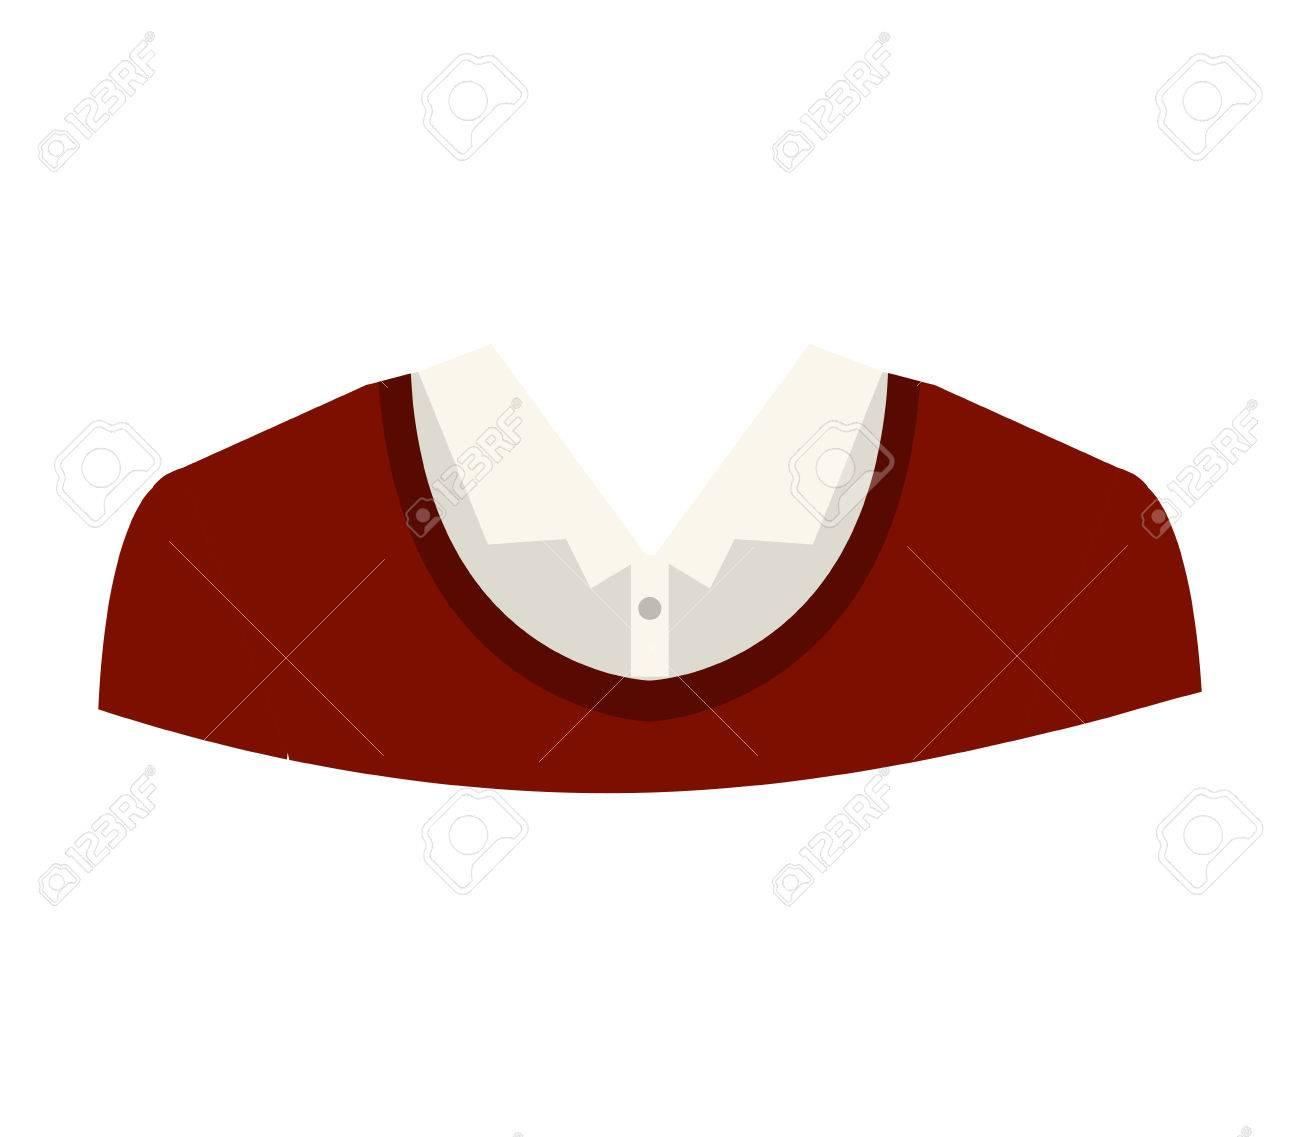 6f86271a8 Foto de archivo - Suéter rojo y camisa blanca. ropa de hombre ejecutivo y  de negocios sobre fondo blanco. ilustración vectorial